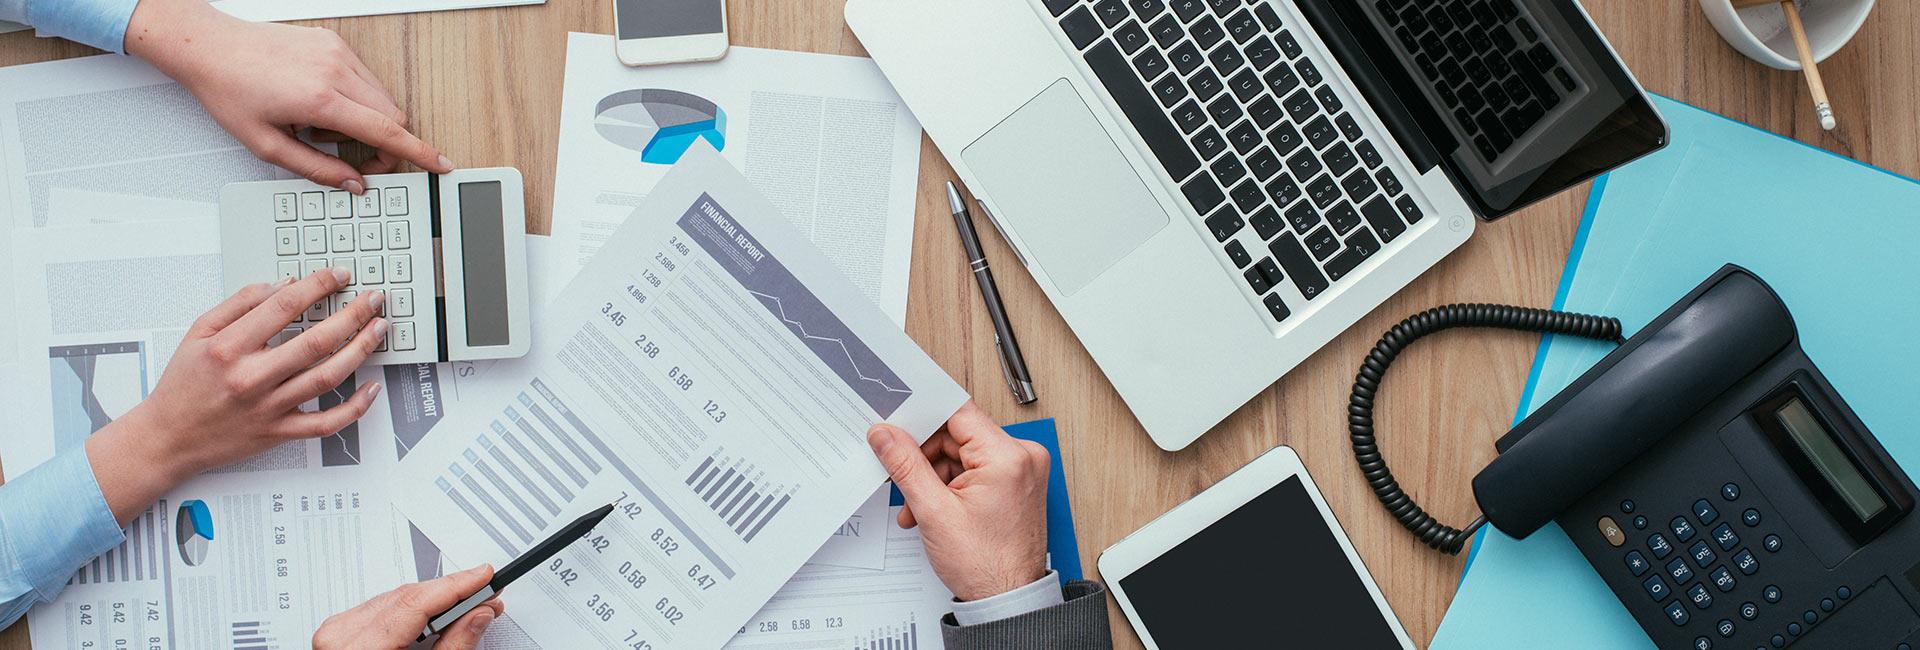 Üzletviteli tanácsadás - pénzügyi átvilágítás